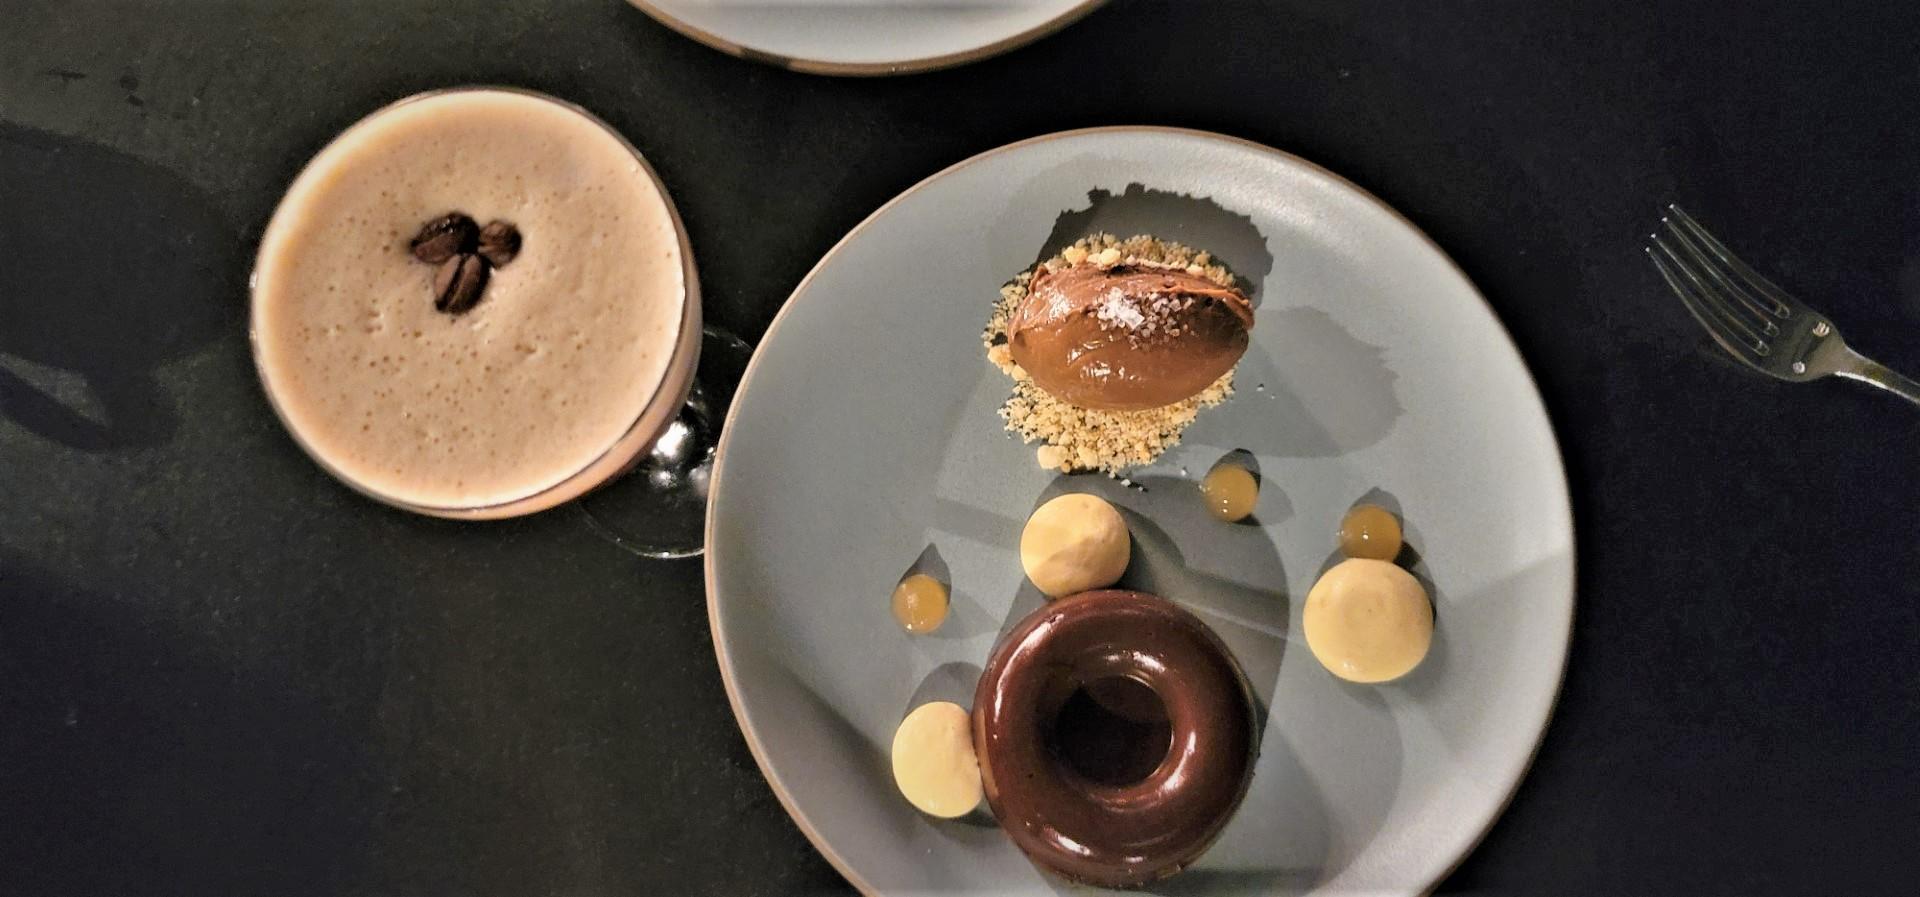 dessert on a plate with espresso martini